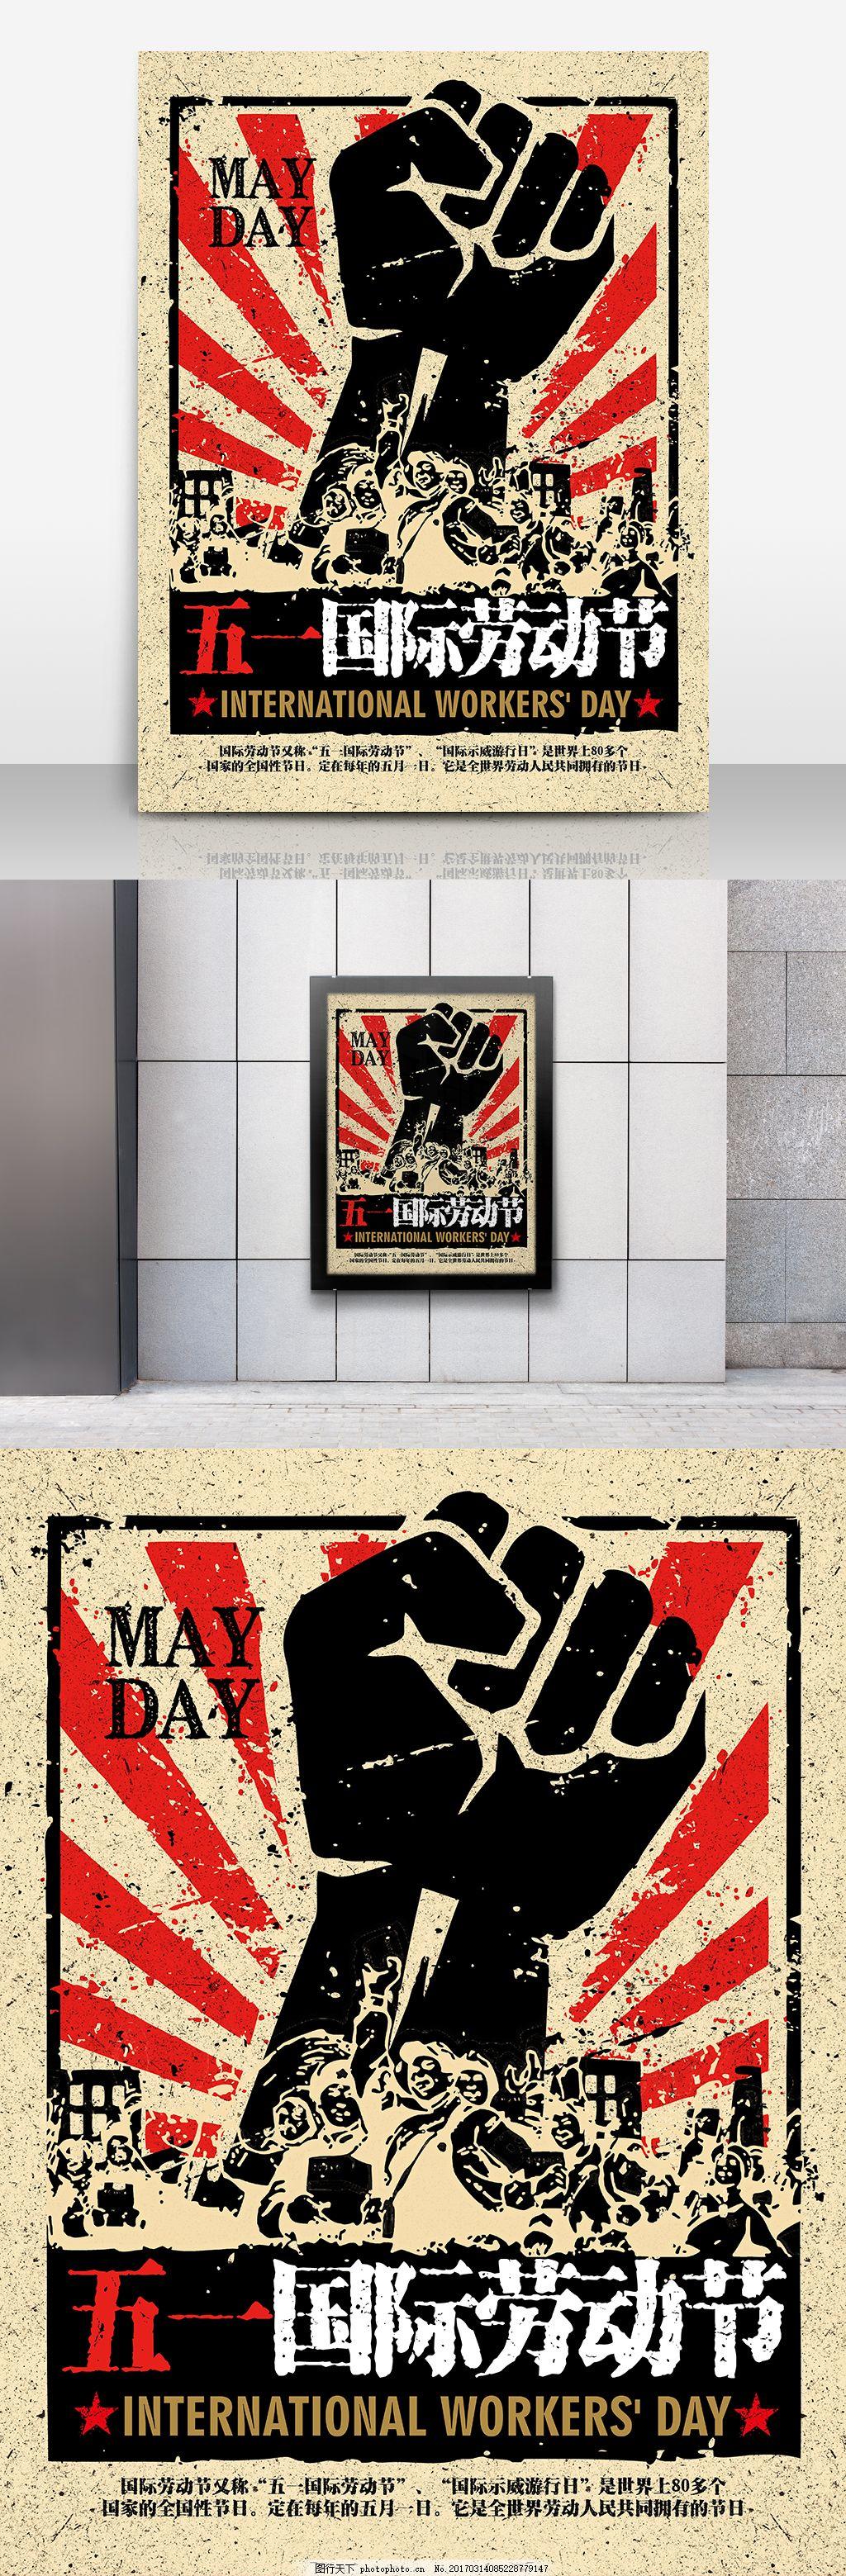 复古风五一国际劳动节海报设计